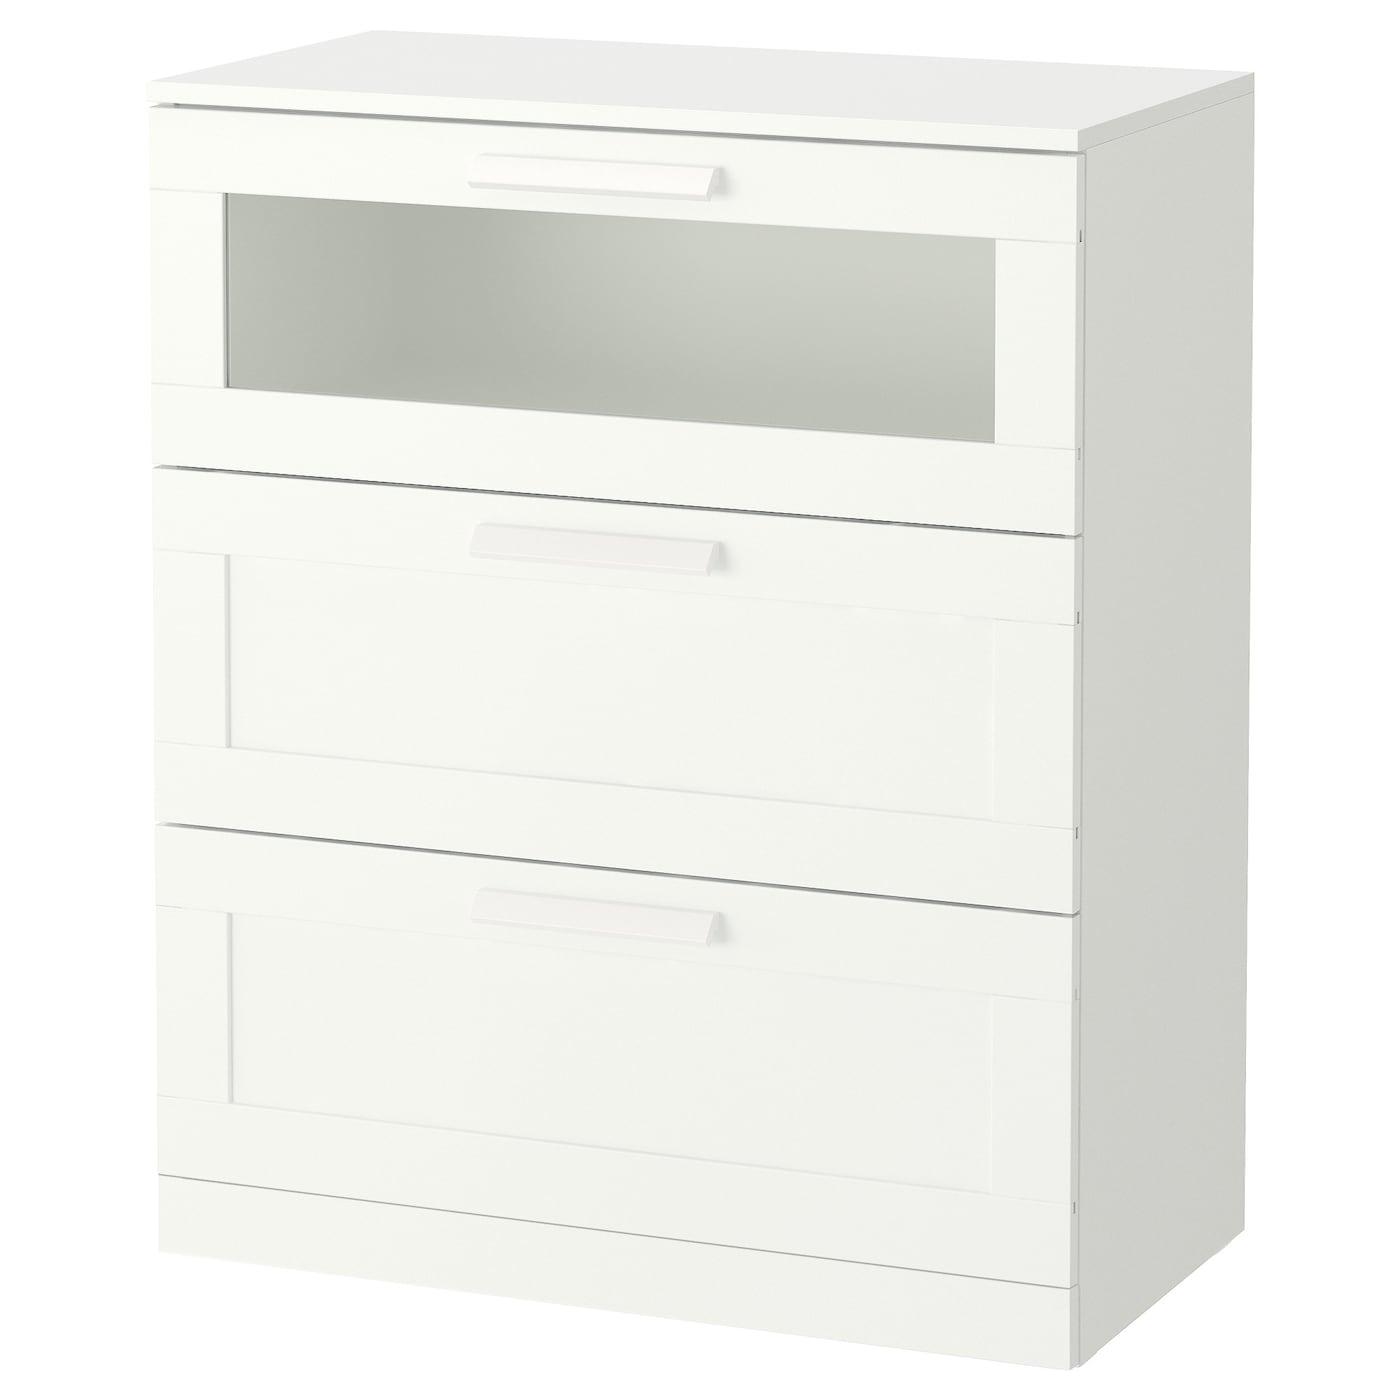 IKEA BRIMNES Komoda, 3 szuflady, biały, szkło matowe, 78x95 cm